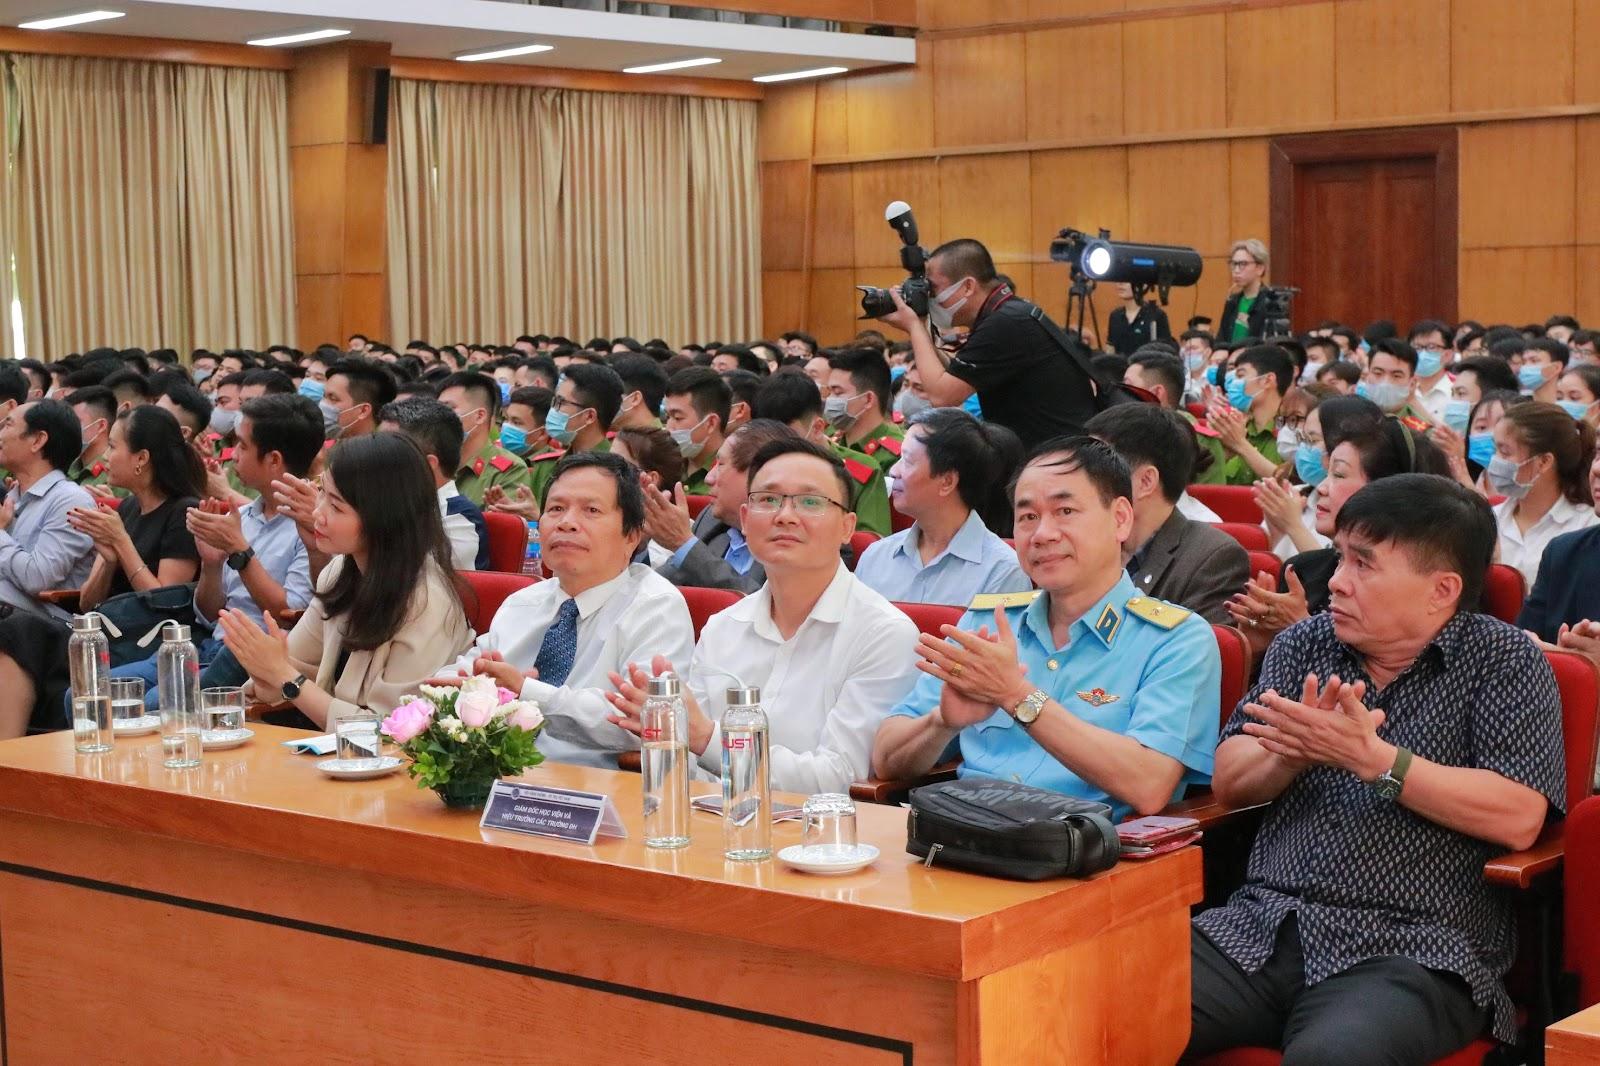 TS. Đỗ Đình Cường đại diện nhà trường tham gia chương trình.